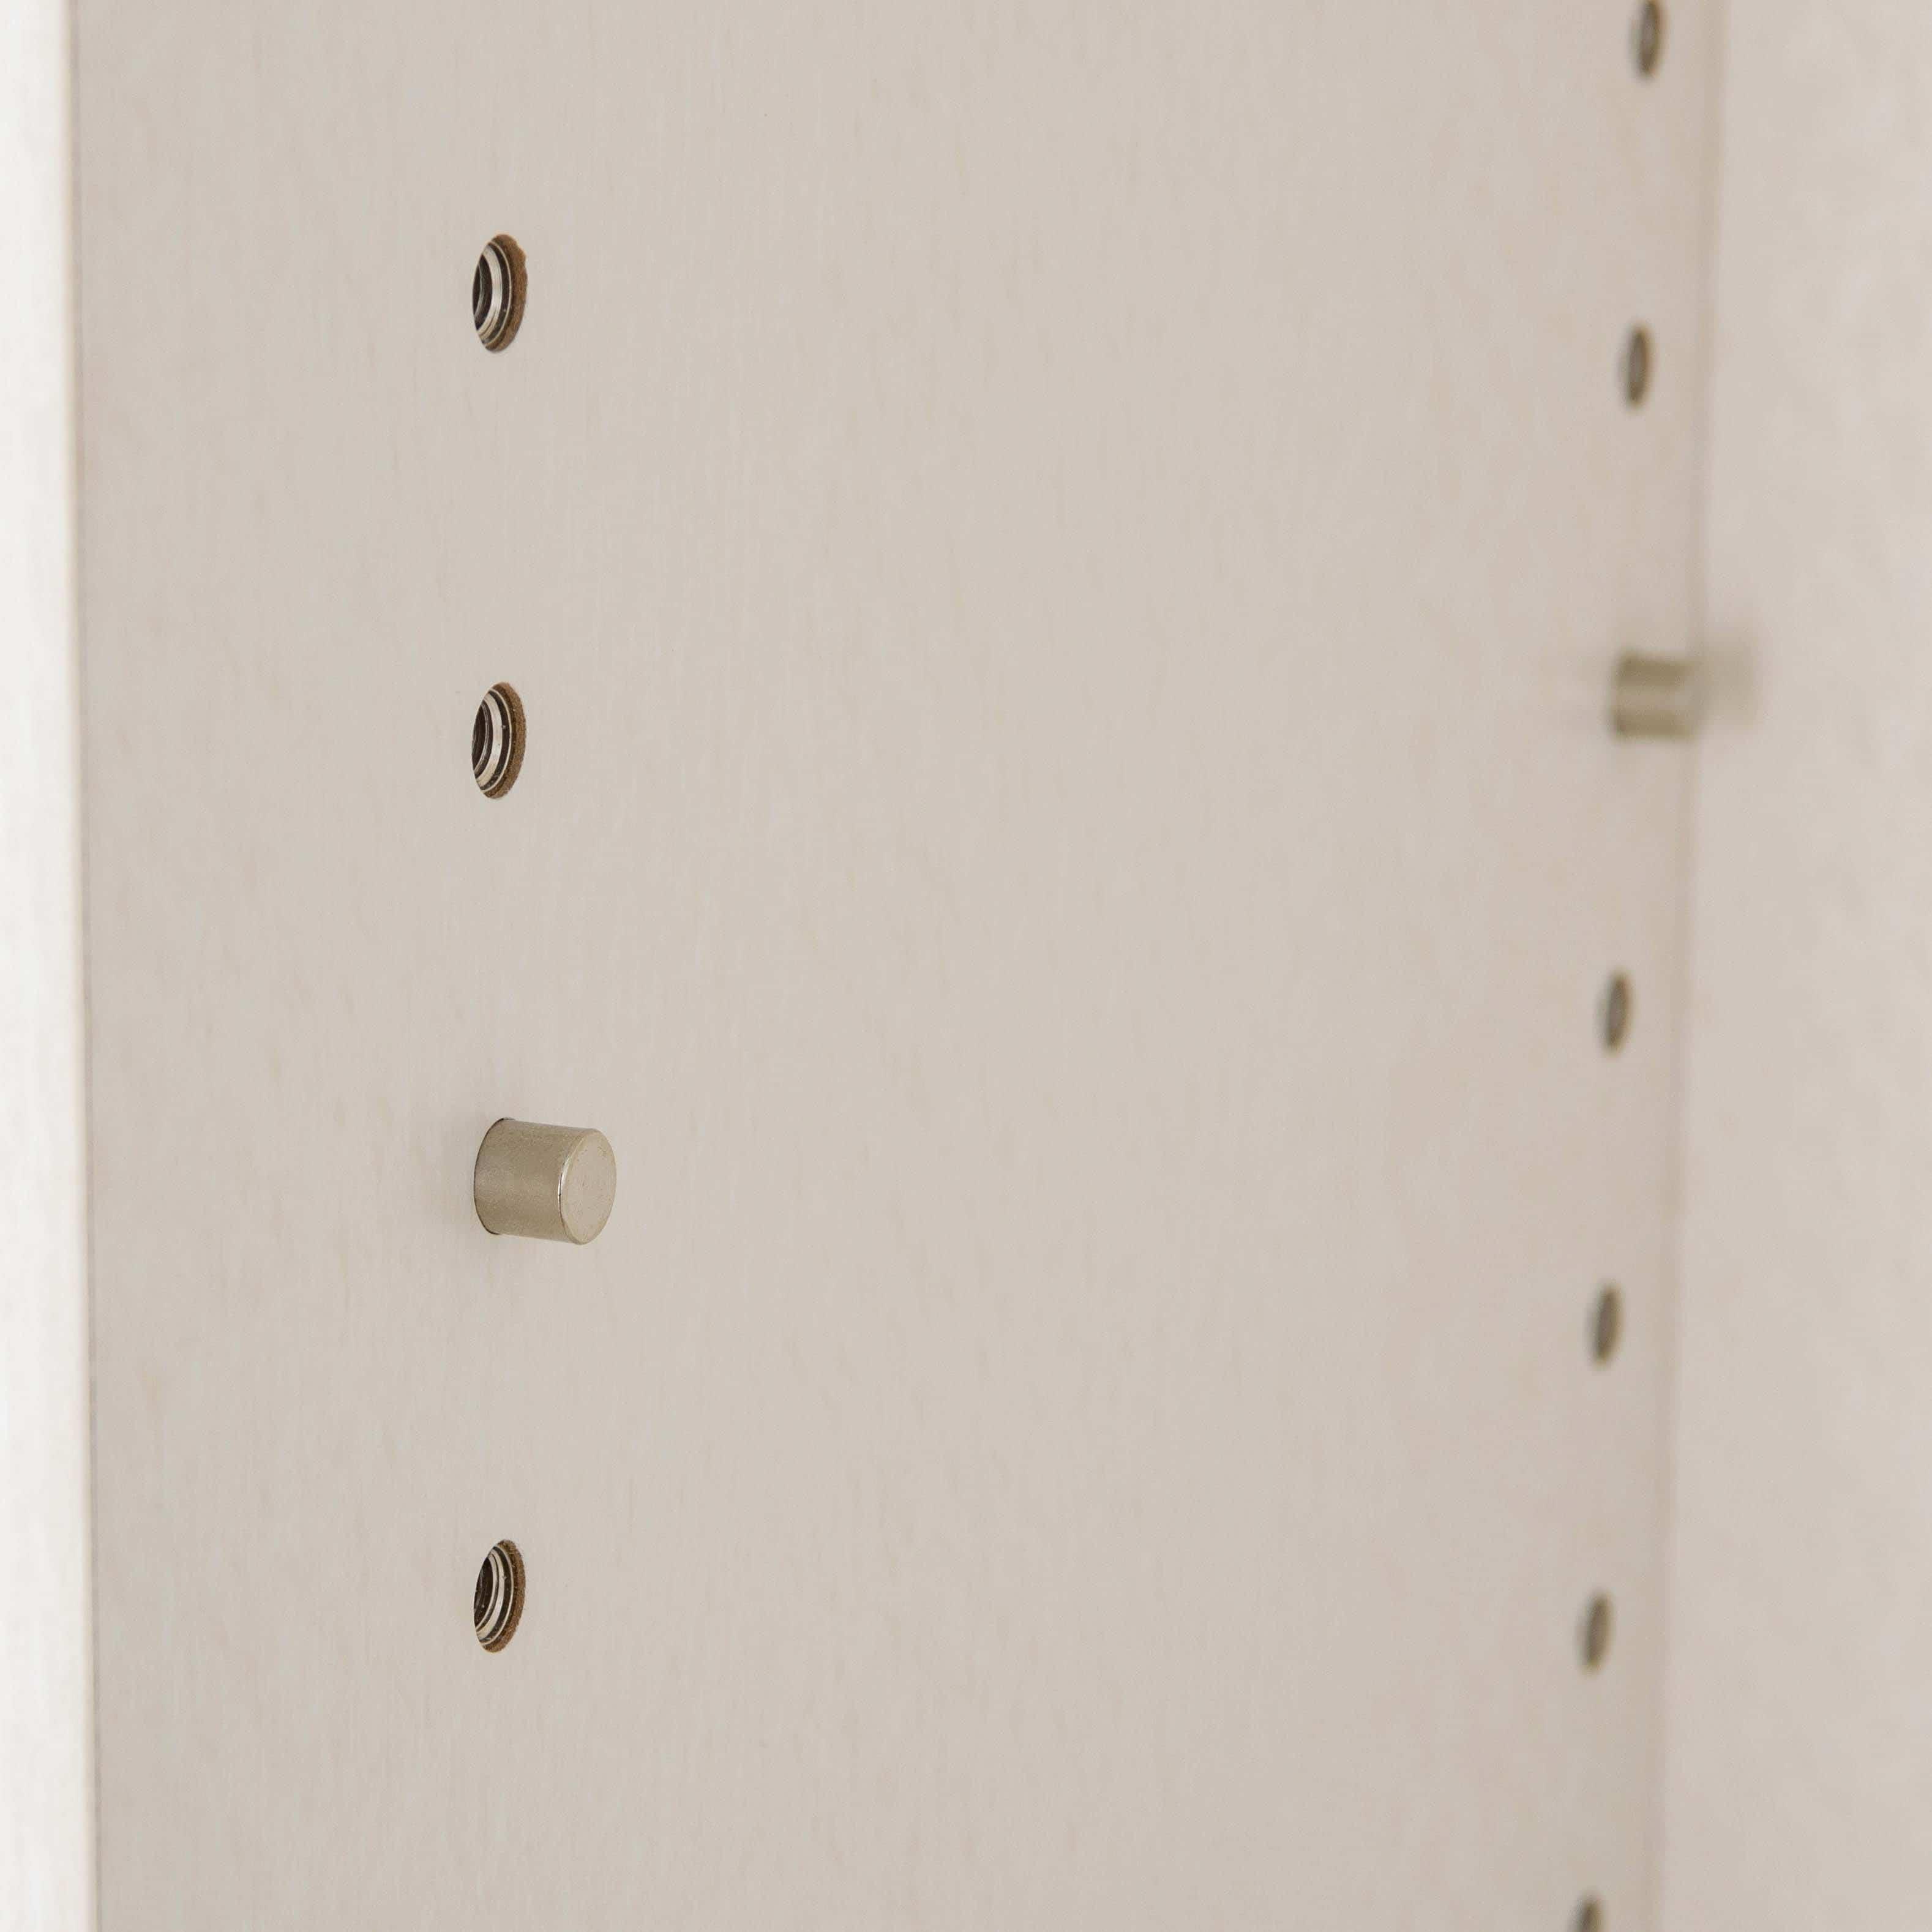 小島工芸 上置 アコード110A(ウォールモカ):キレイに収まる魅せる収納